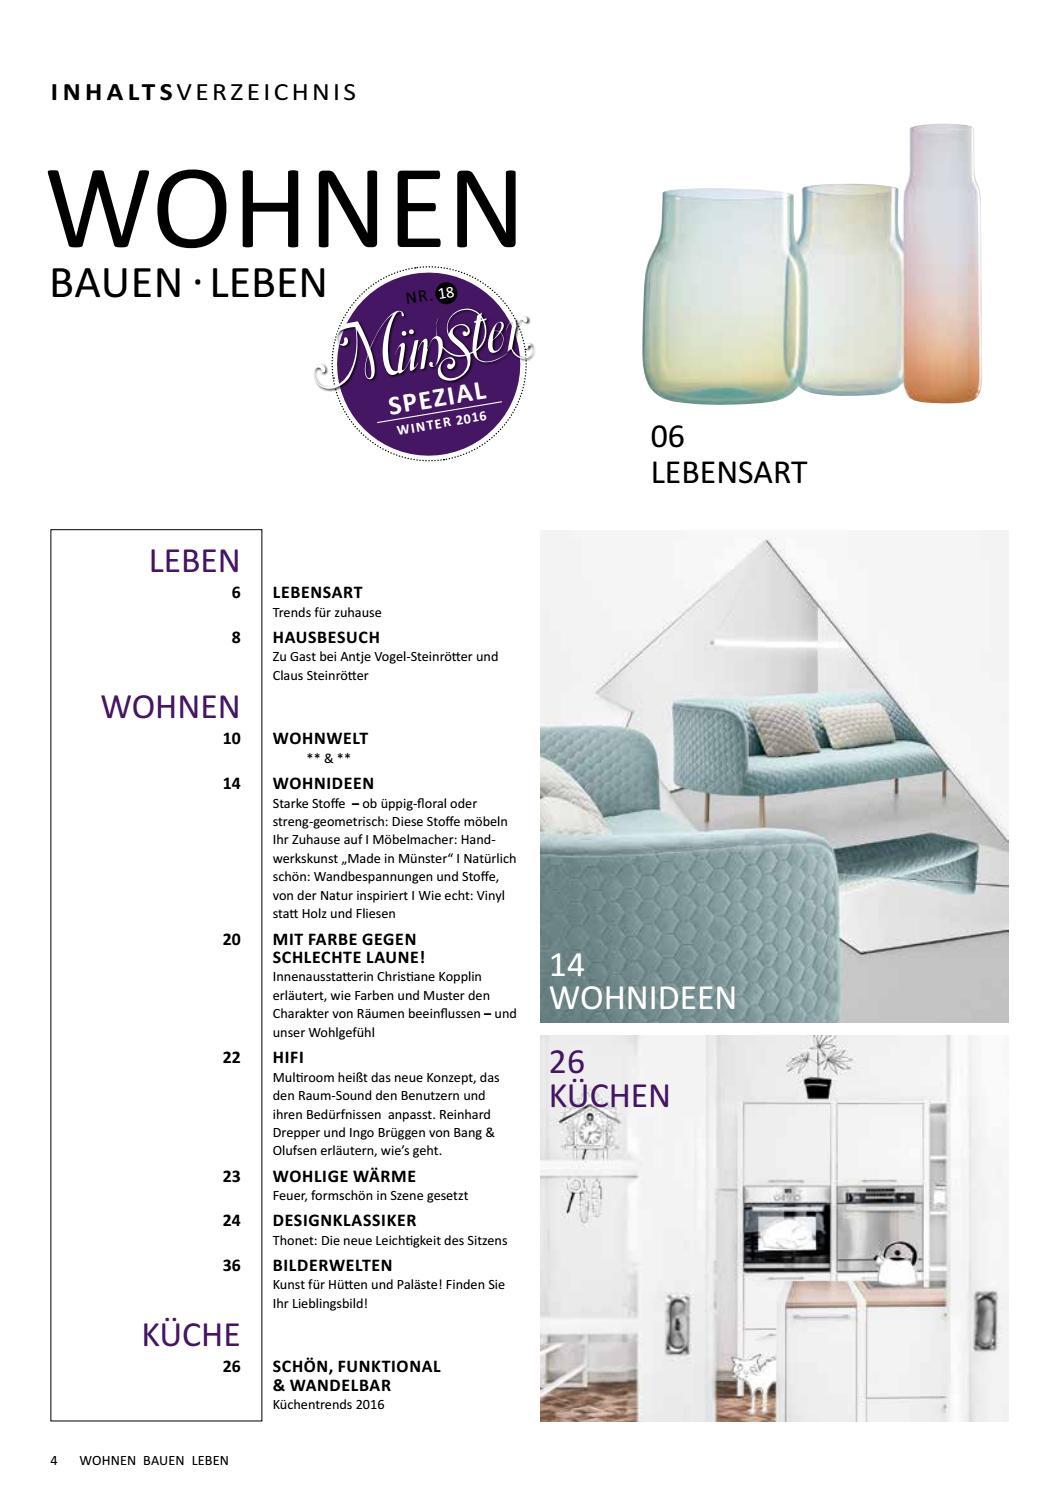 Wohnen Bauen Leben MÜNSTER SPEZIAL 18 by Tips Verlag GmbH - issuu